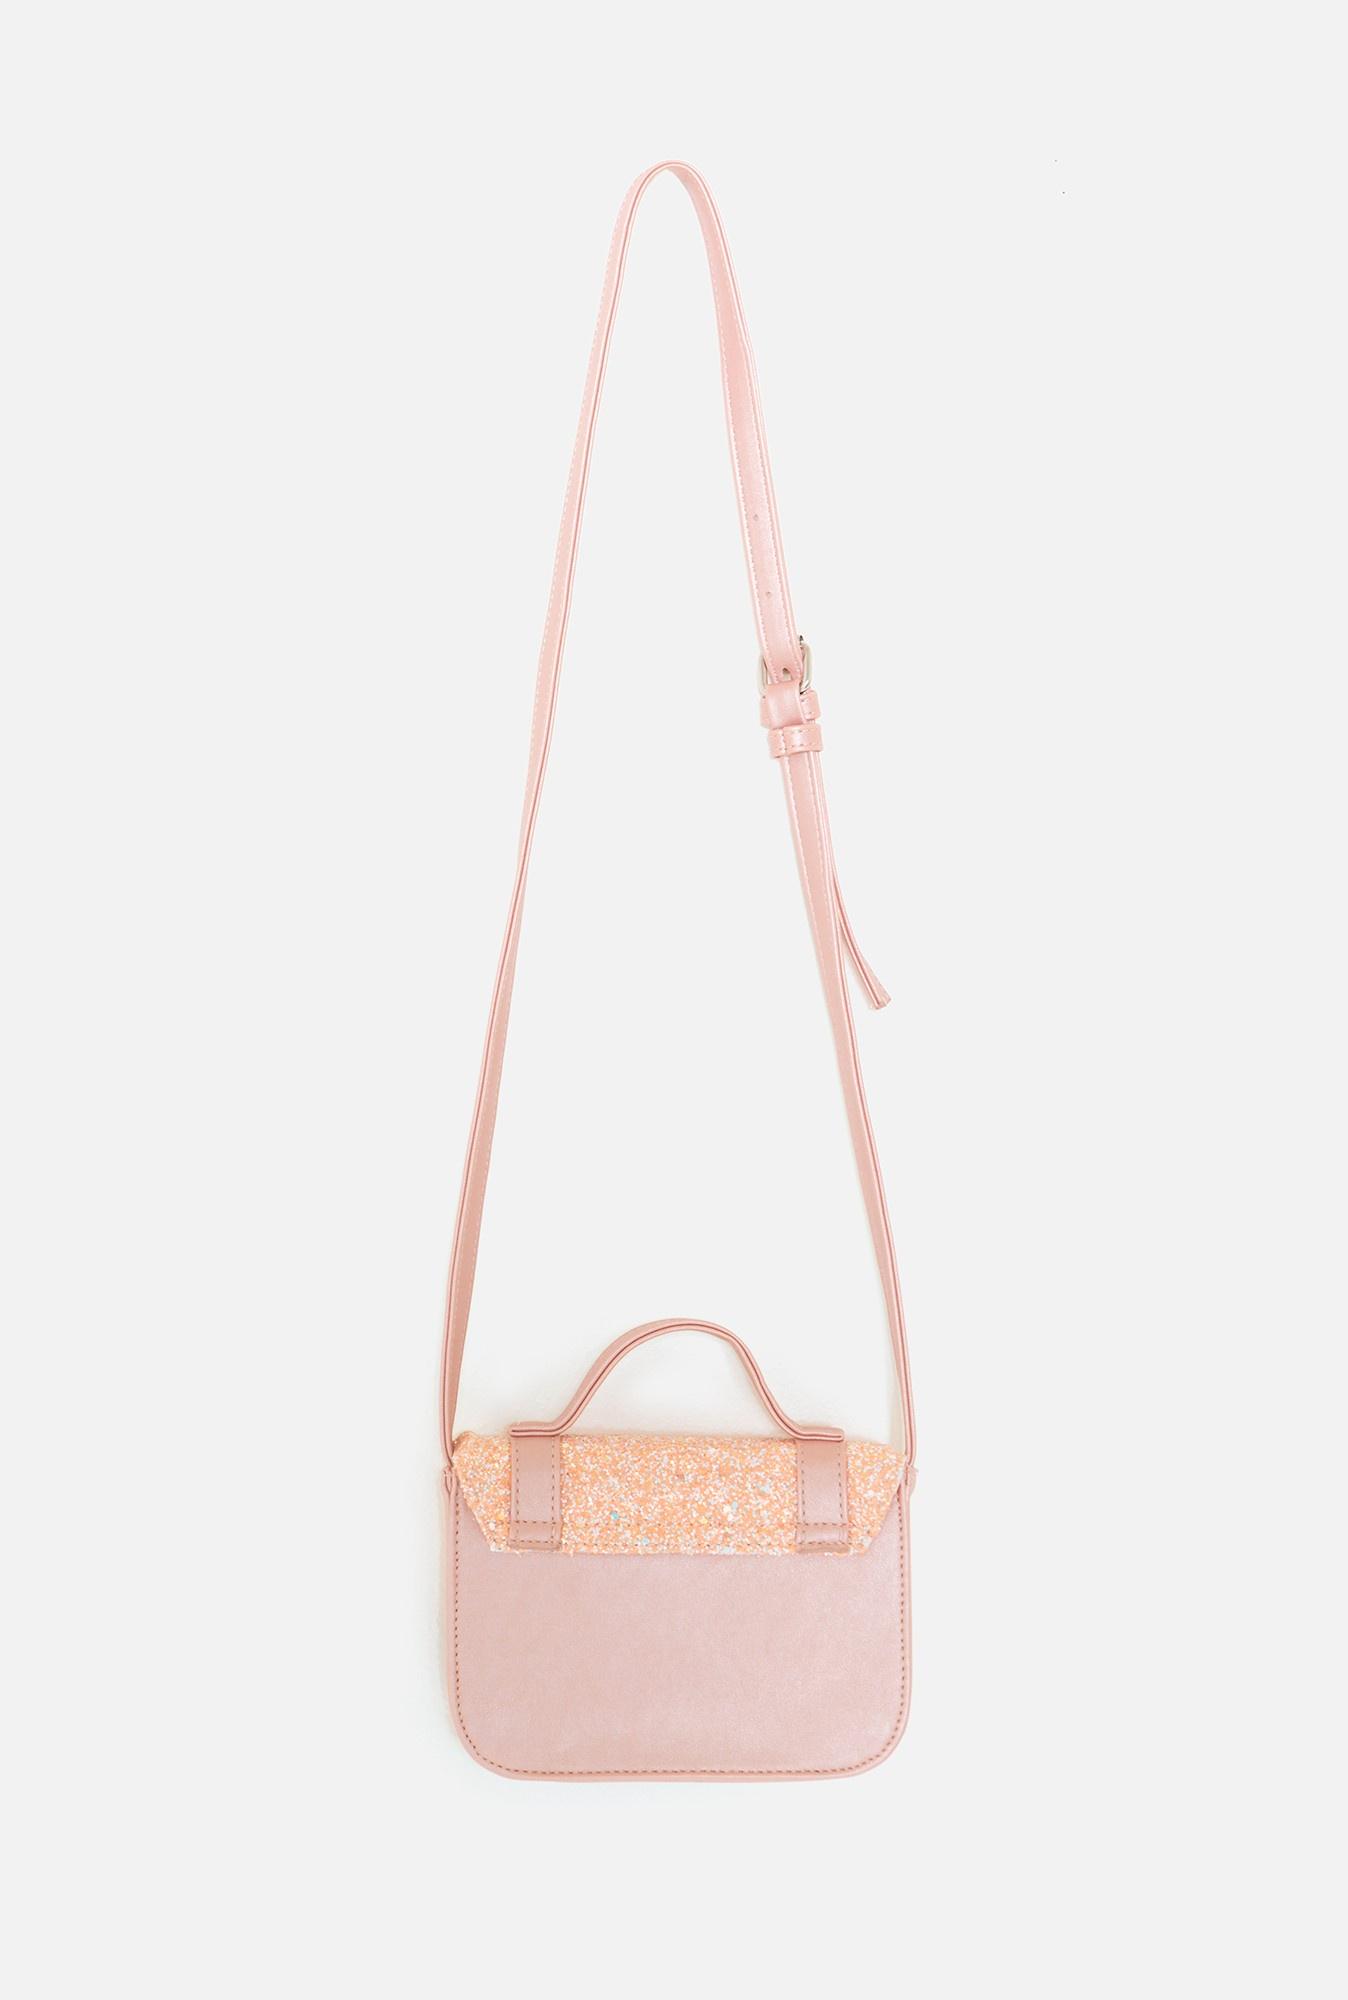 Фото - Сумка ACOOLA 20206100111_0039451, светло-розовый джемпер для девочки acoola pansy цвет светло розовый 20220310076 3400 размер 128